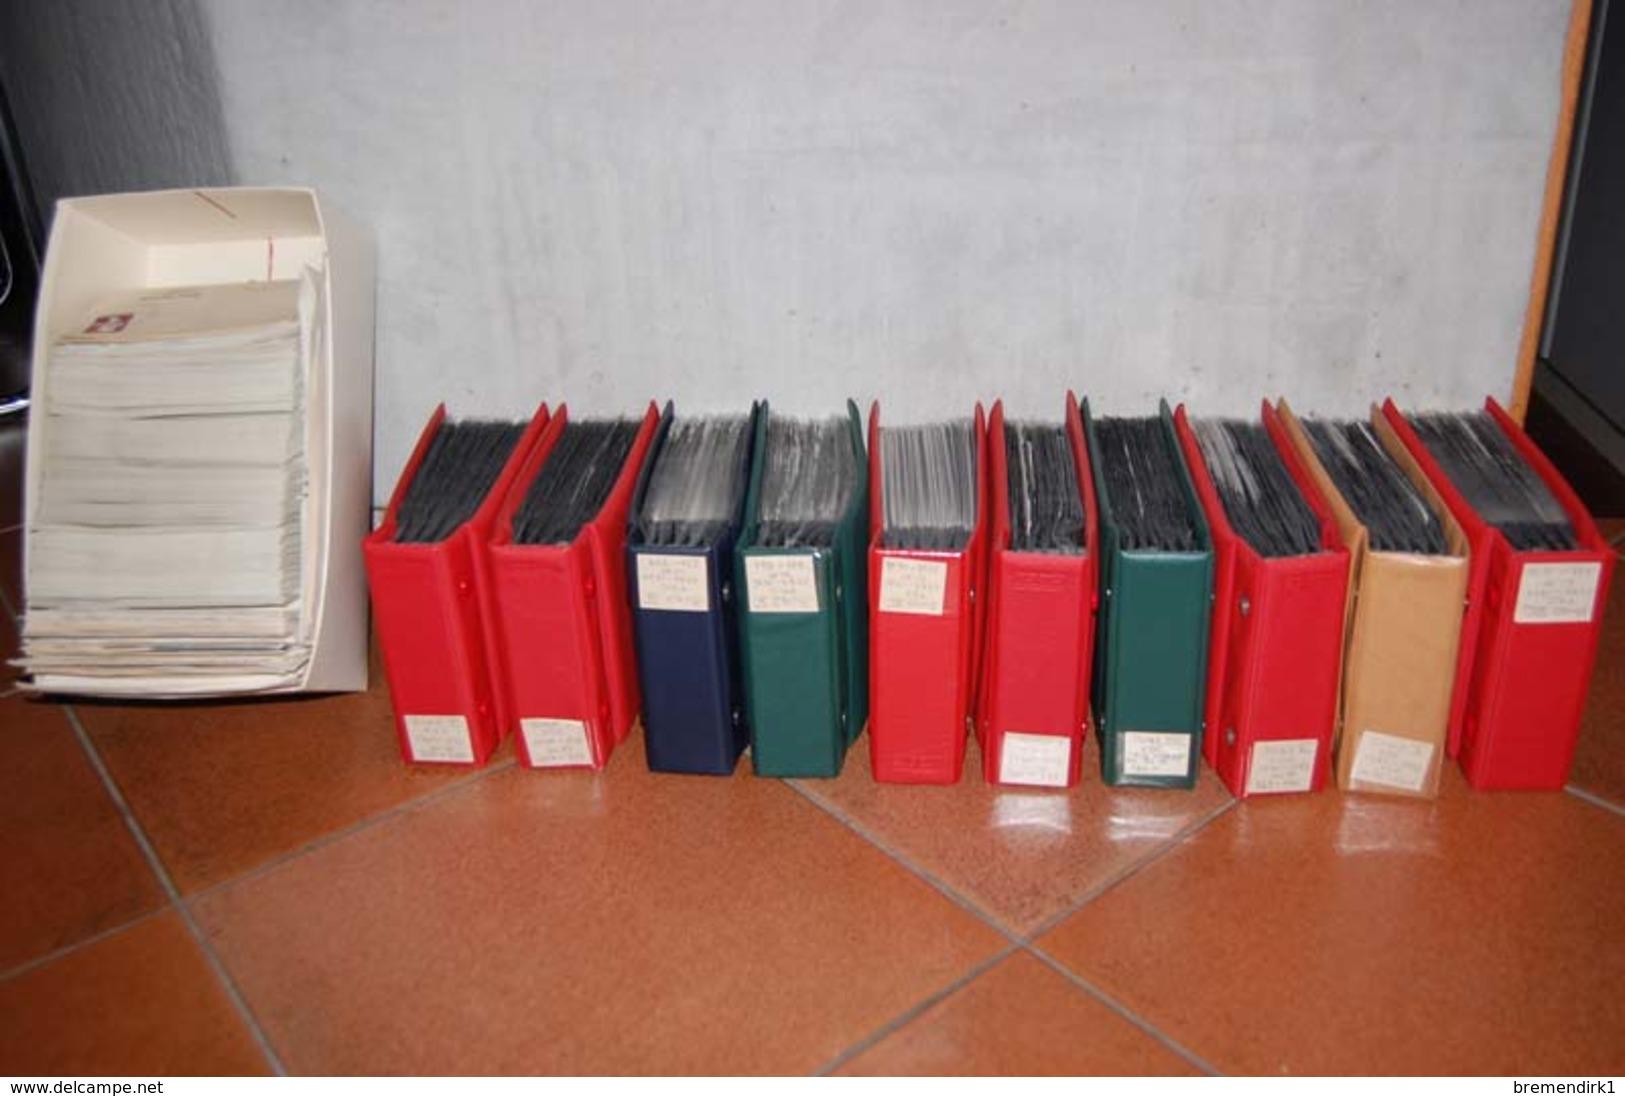 Deutschland - Große Kiste Mehrere Tausend Briefe, FDC Etc. In 10 Alben + Karton, 380 Bilder  ....129 (E) - Timbres